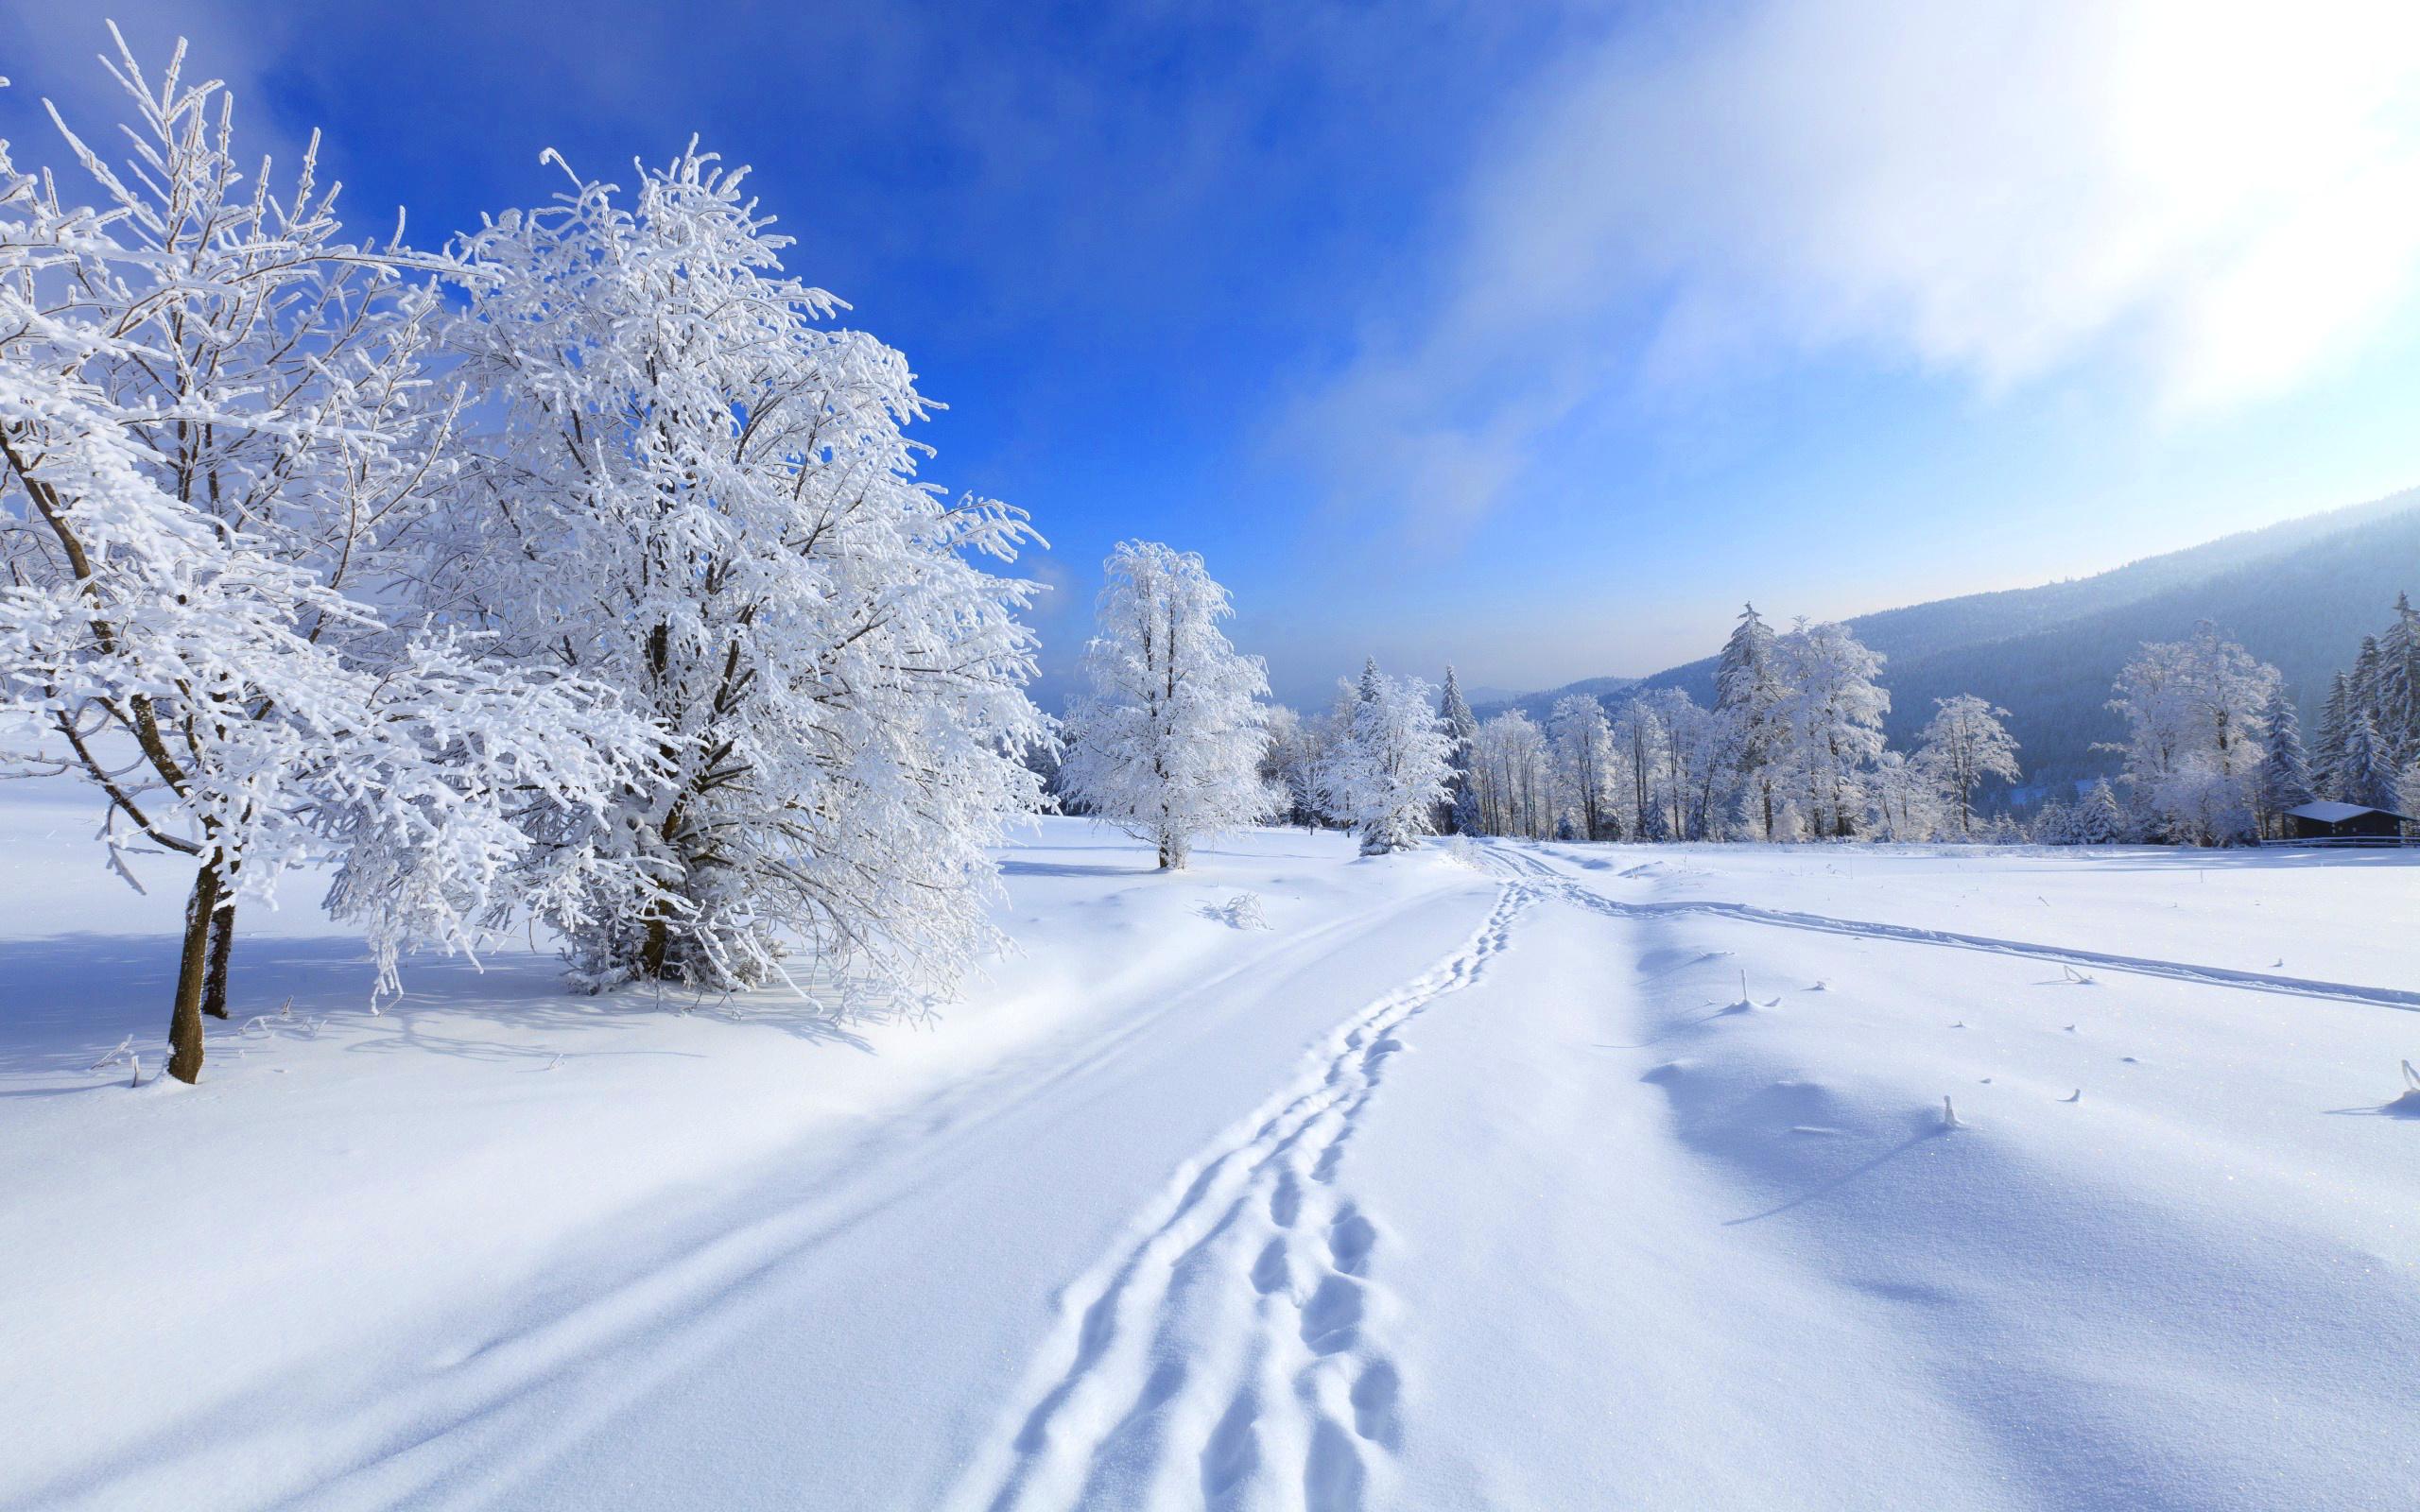 667758-snow-winter-photos